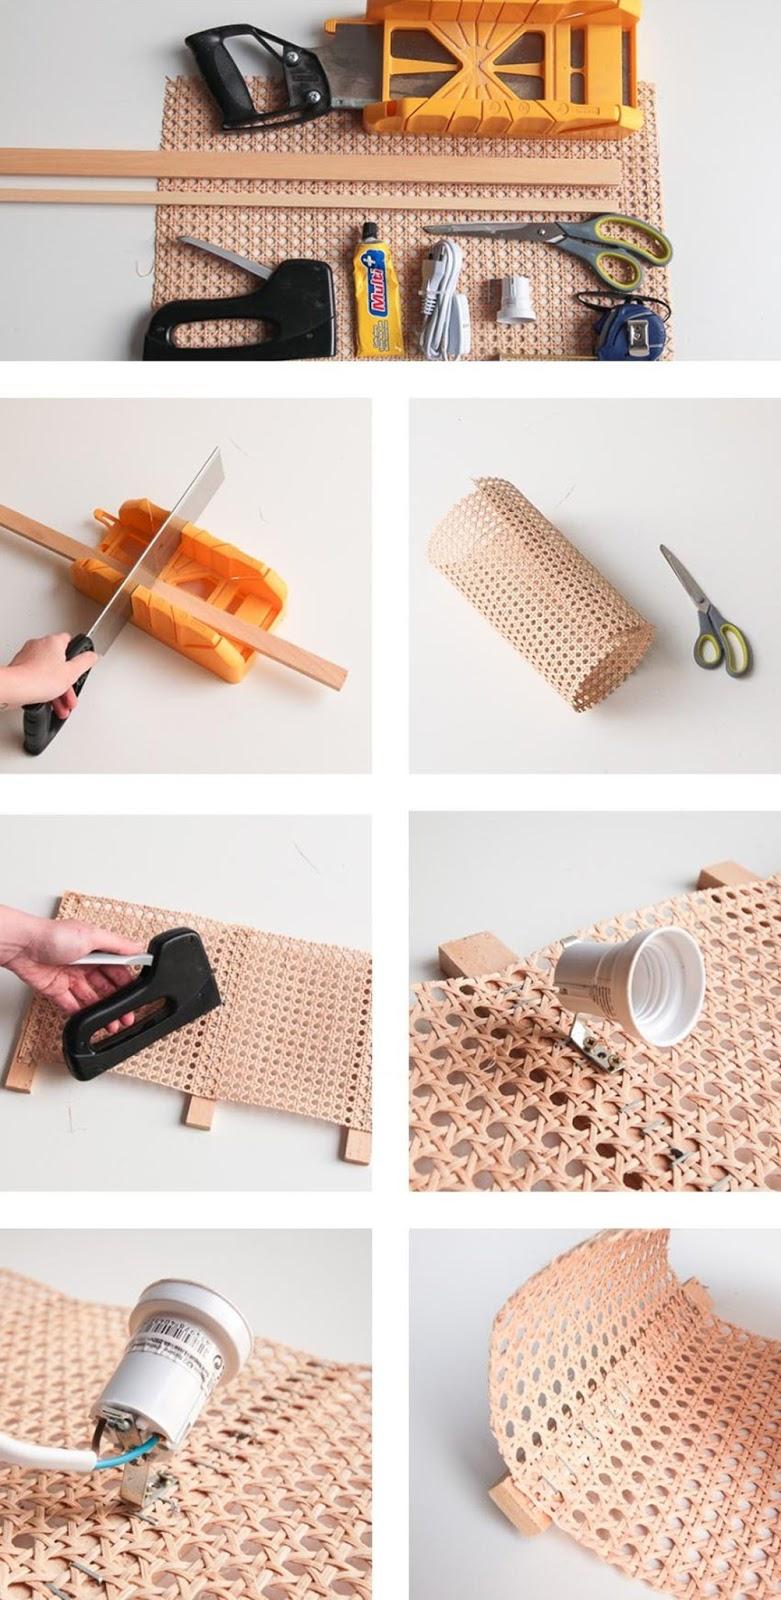 diy lampara de cannage o rejilla para decorar facil y lowcost paso a paso